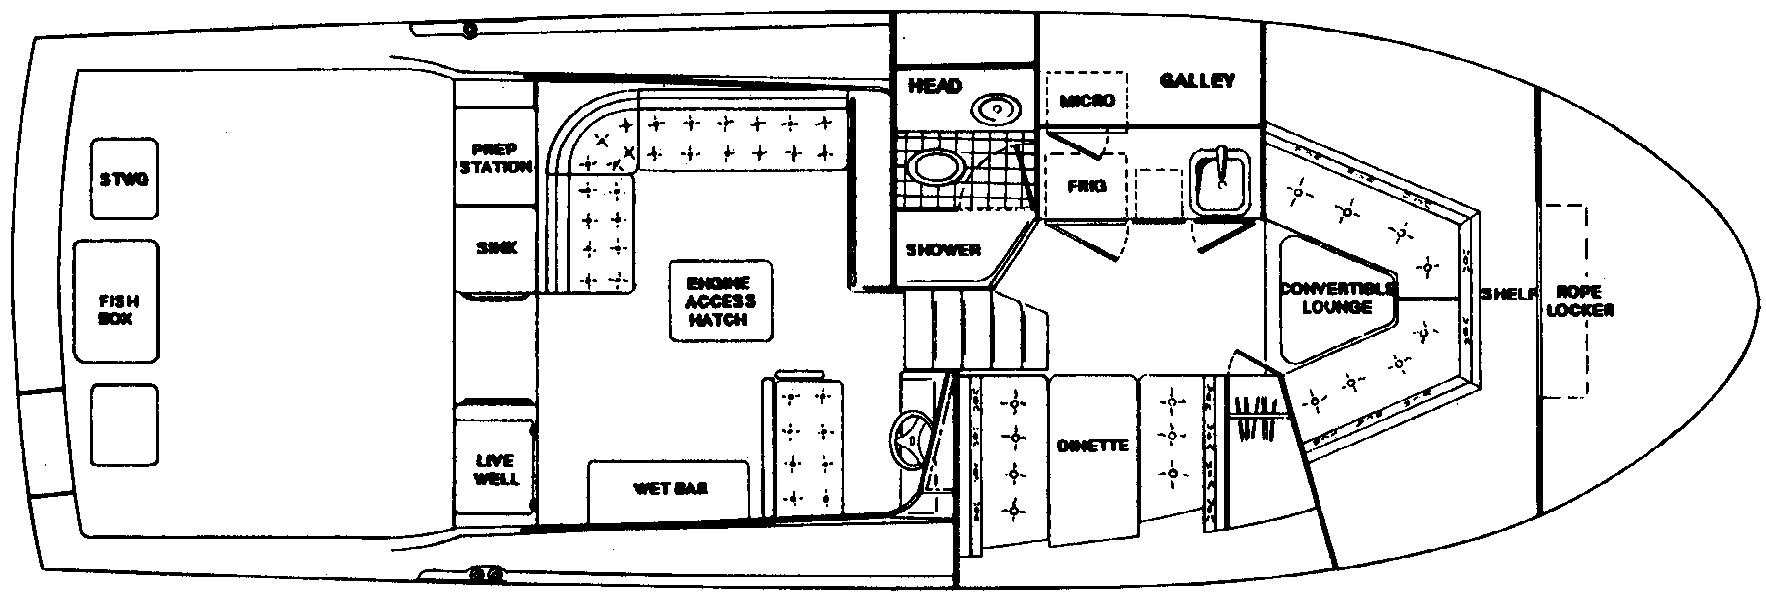 36-38 Combi Floor Plan 2